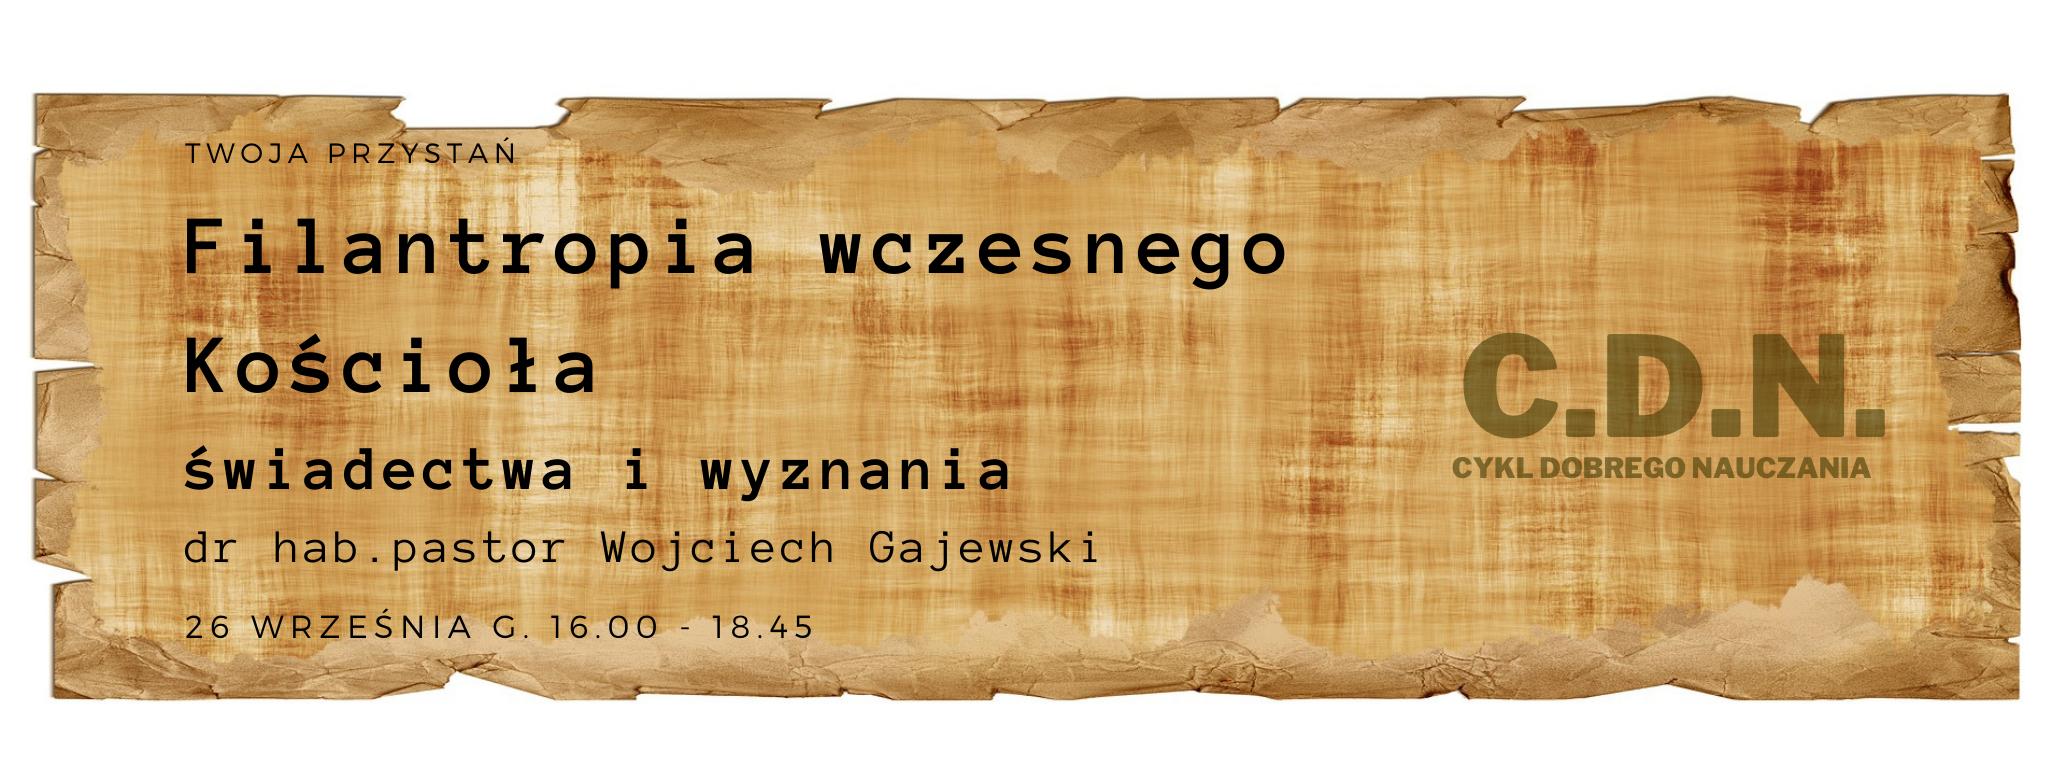 Filantropia-wczesnego-Kościoła-Wojciech-Gajewski-26.09.2020